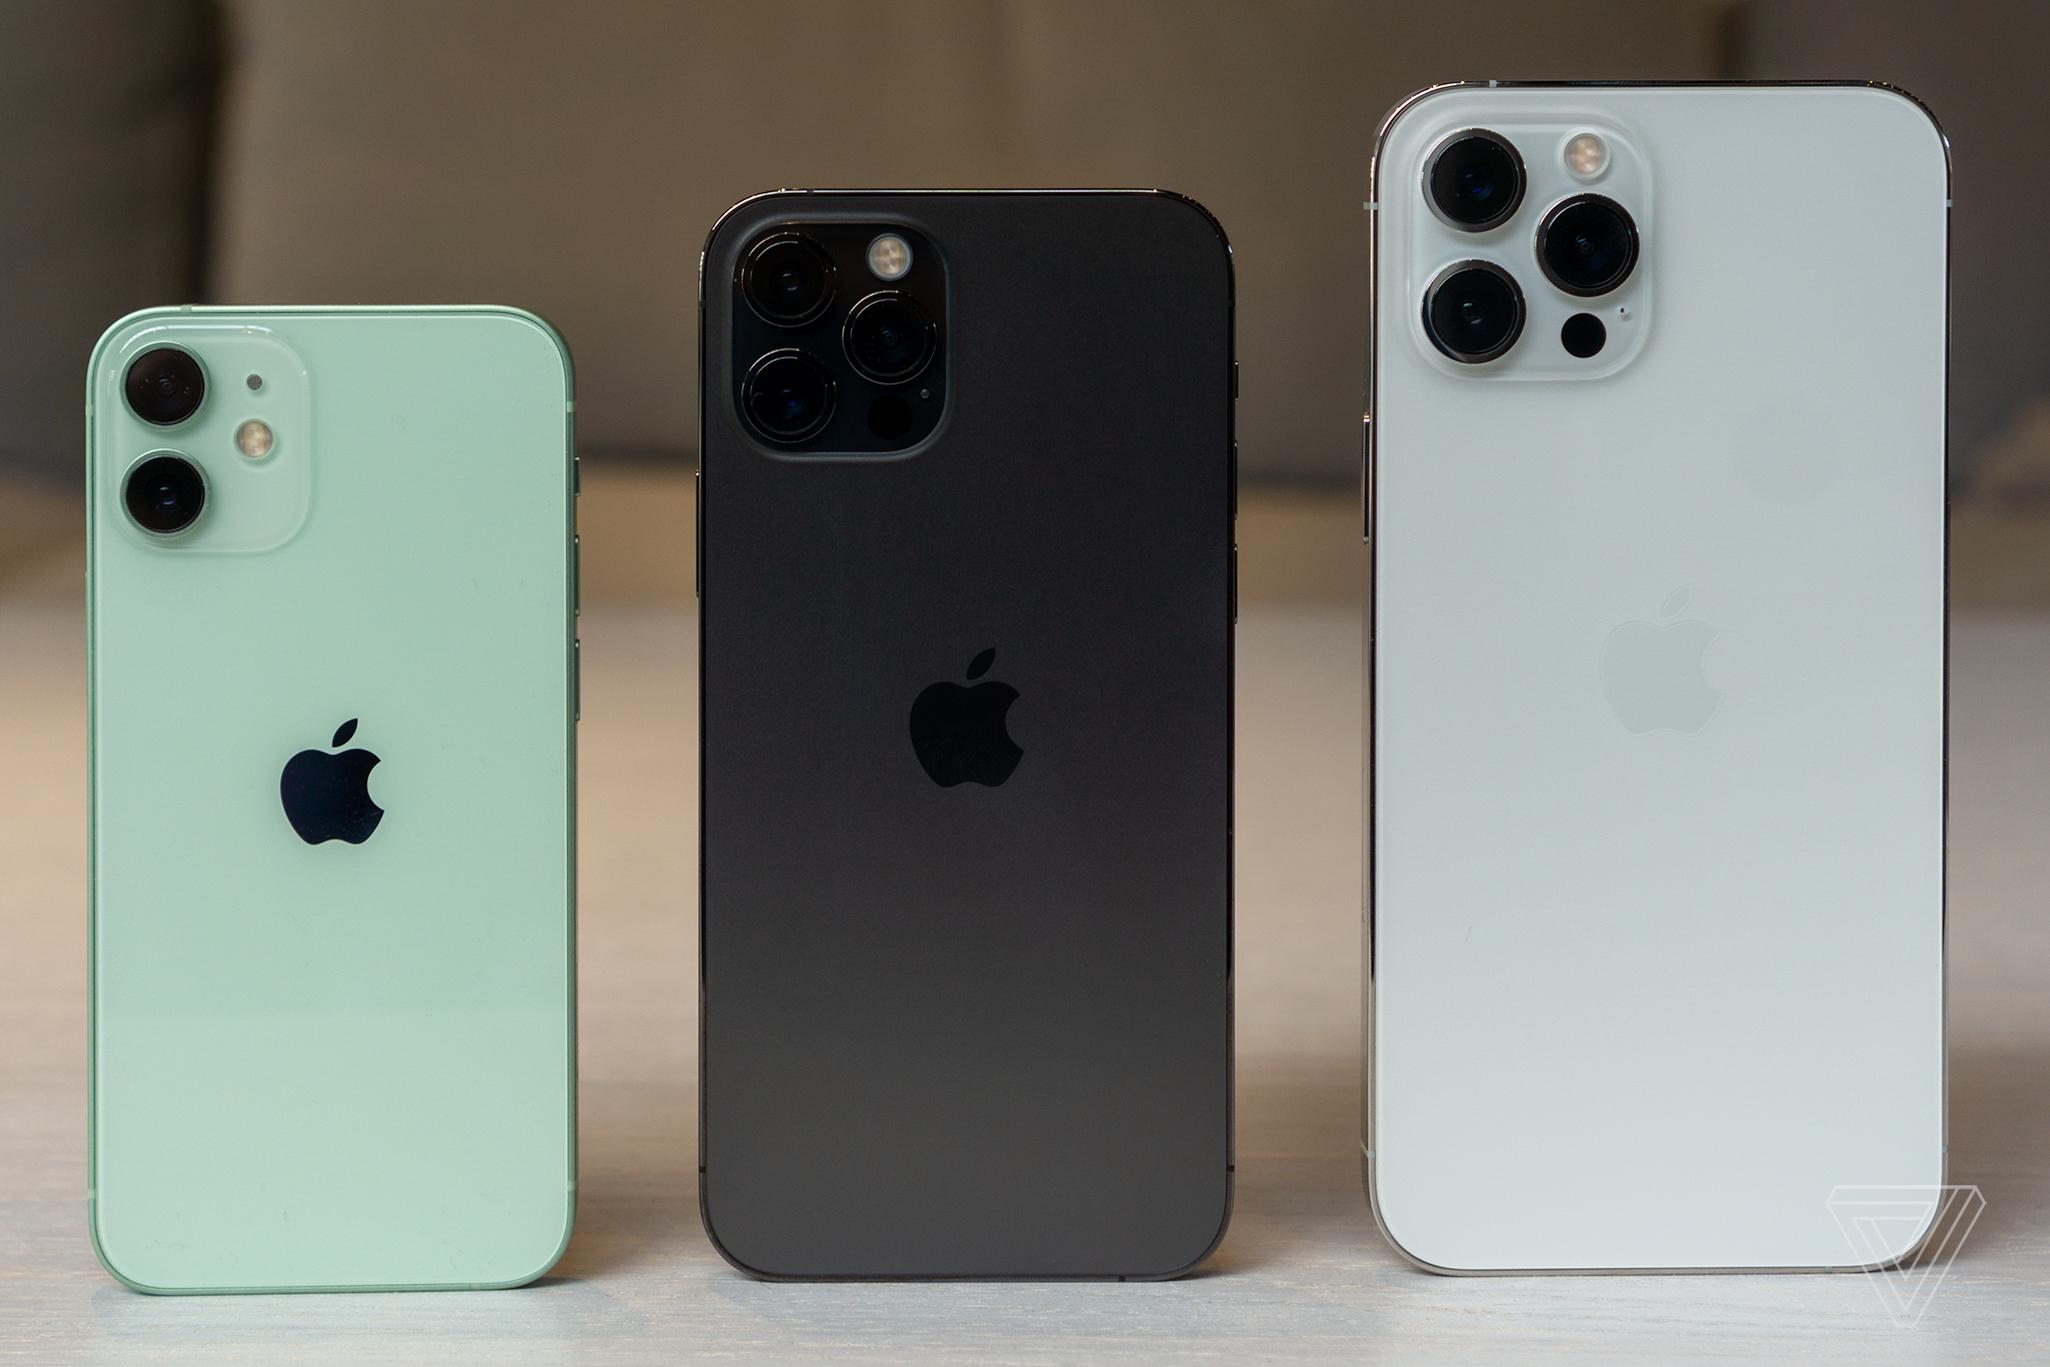 iphone 12 i iphone 12 mini